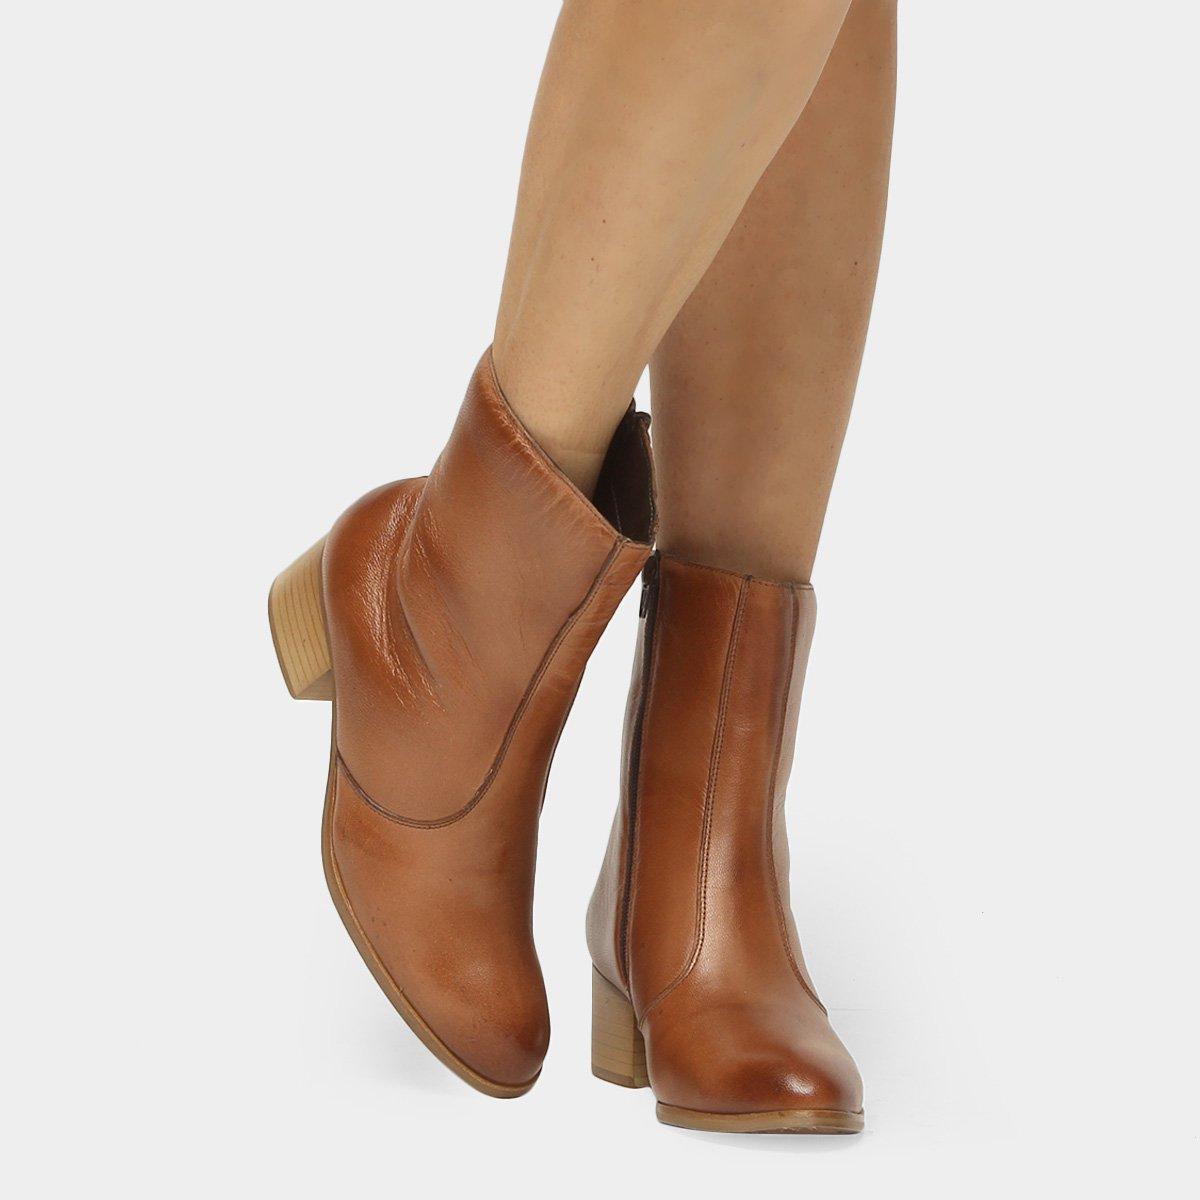 48230efed Bota Couro Cano Médio Shoestock Salto Bloco - Caramelo - Compre Agora